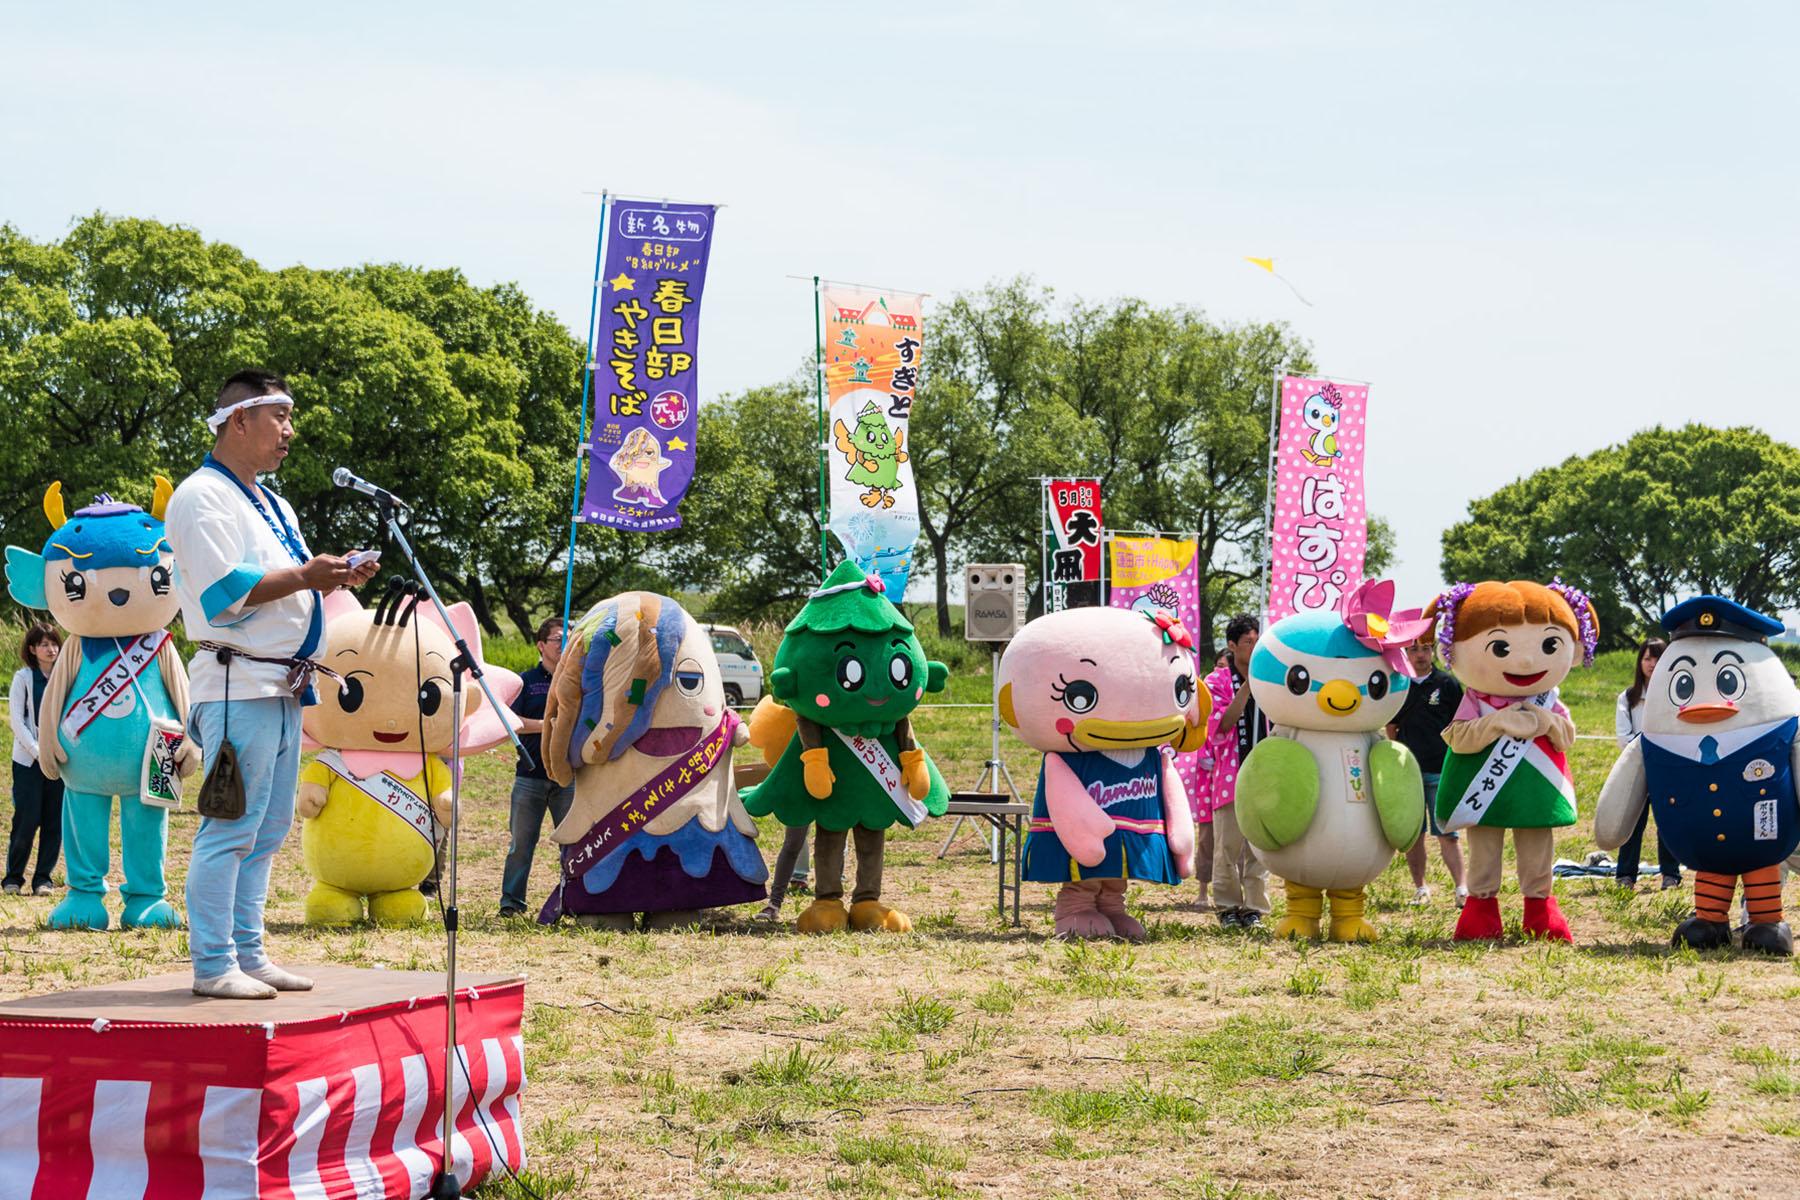 大凧あげ祭り 江戸川河川敷広場